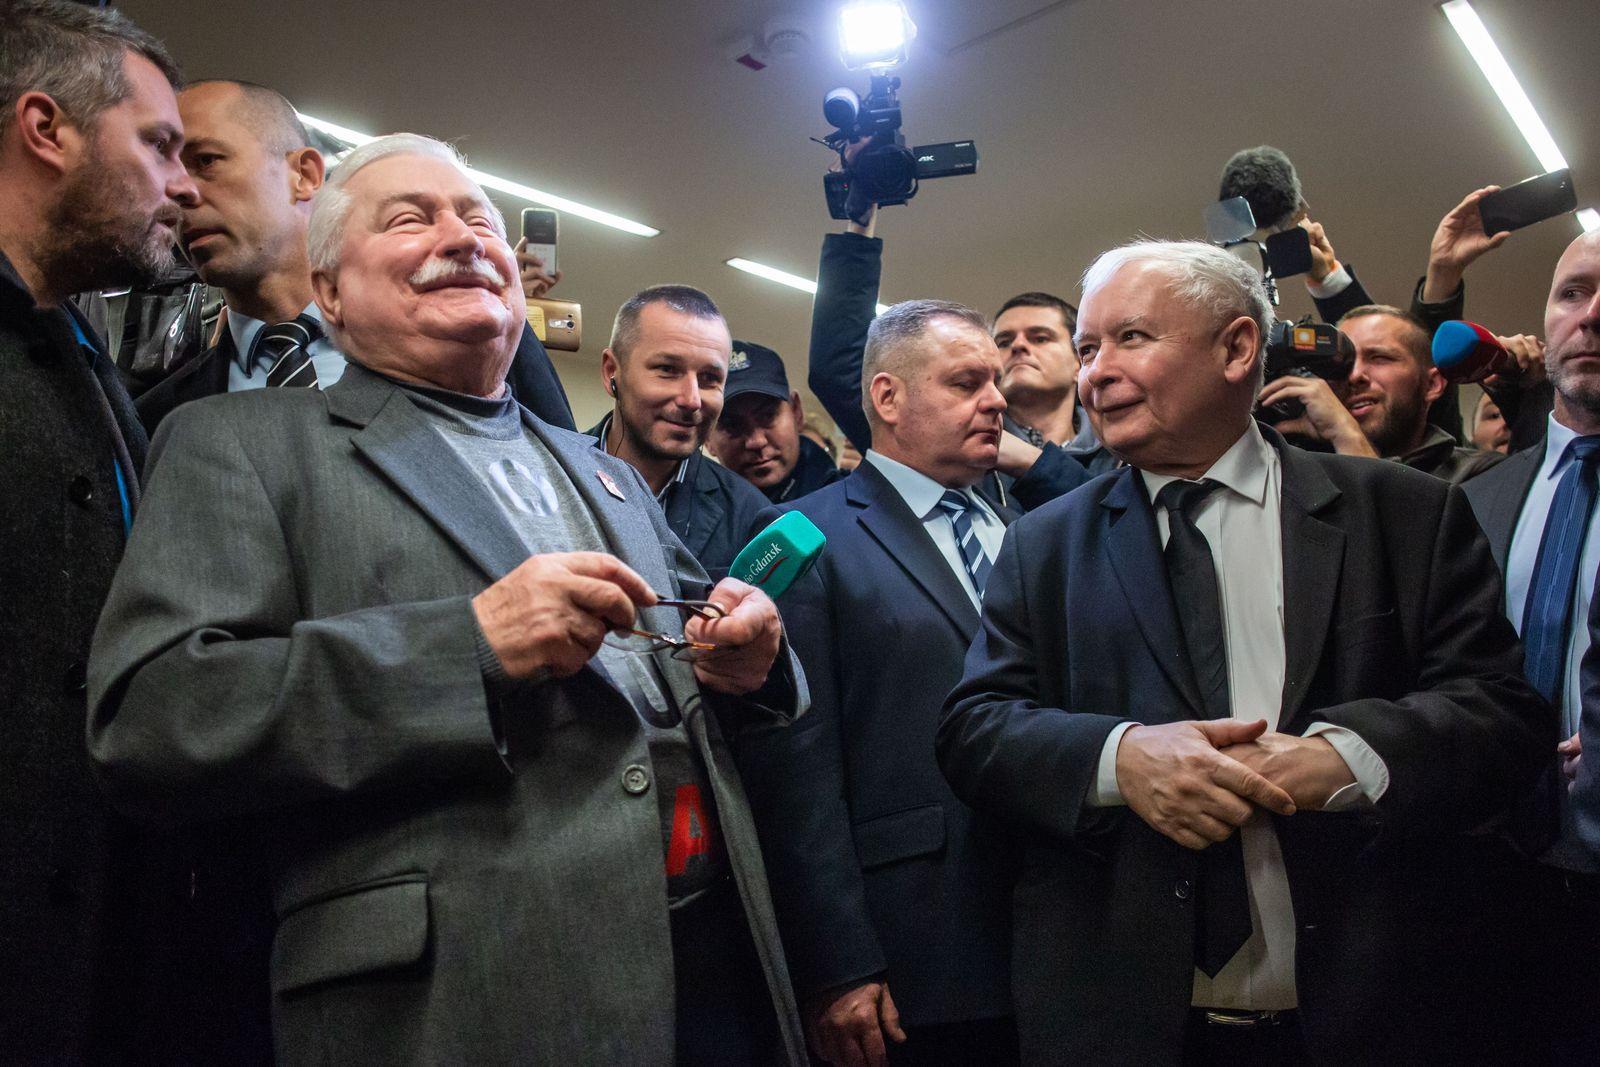 POLAND-POLITICS-JUSTICE-WALESA-KACZYNSKI